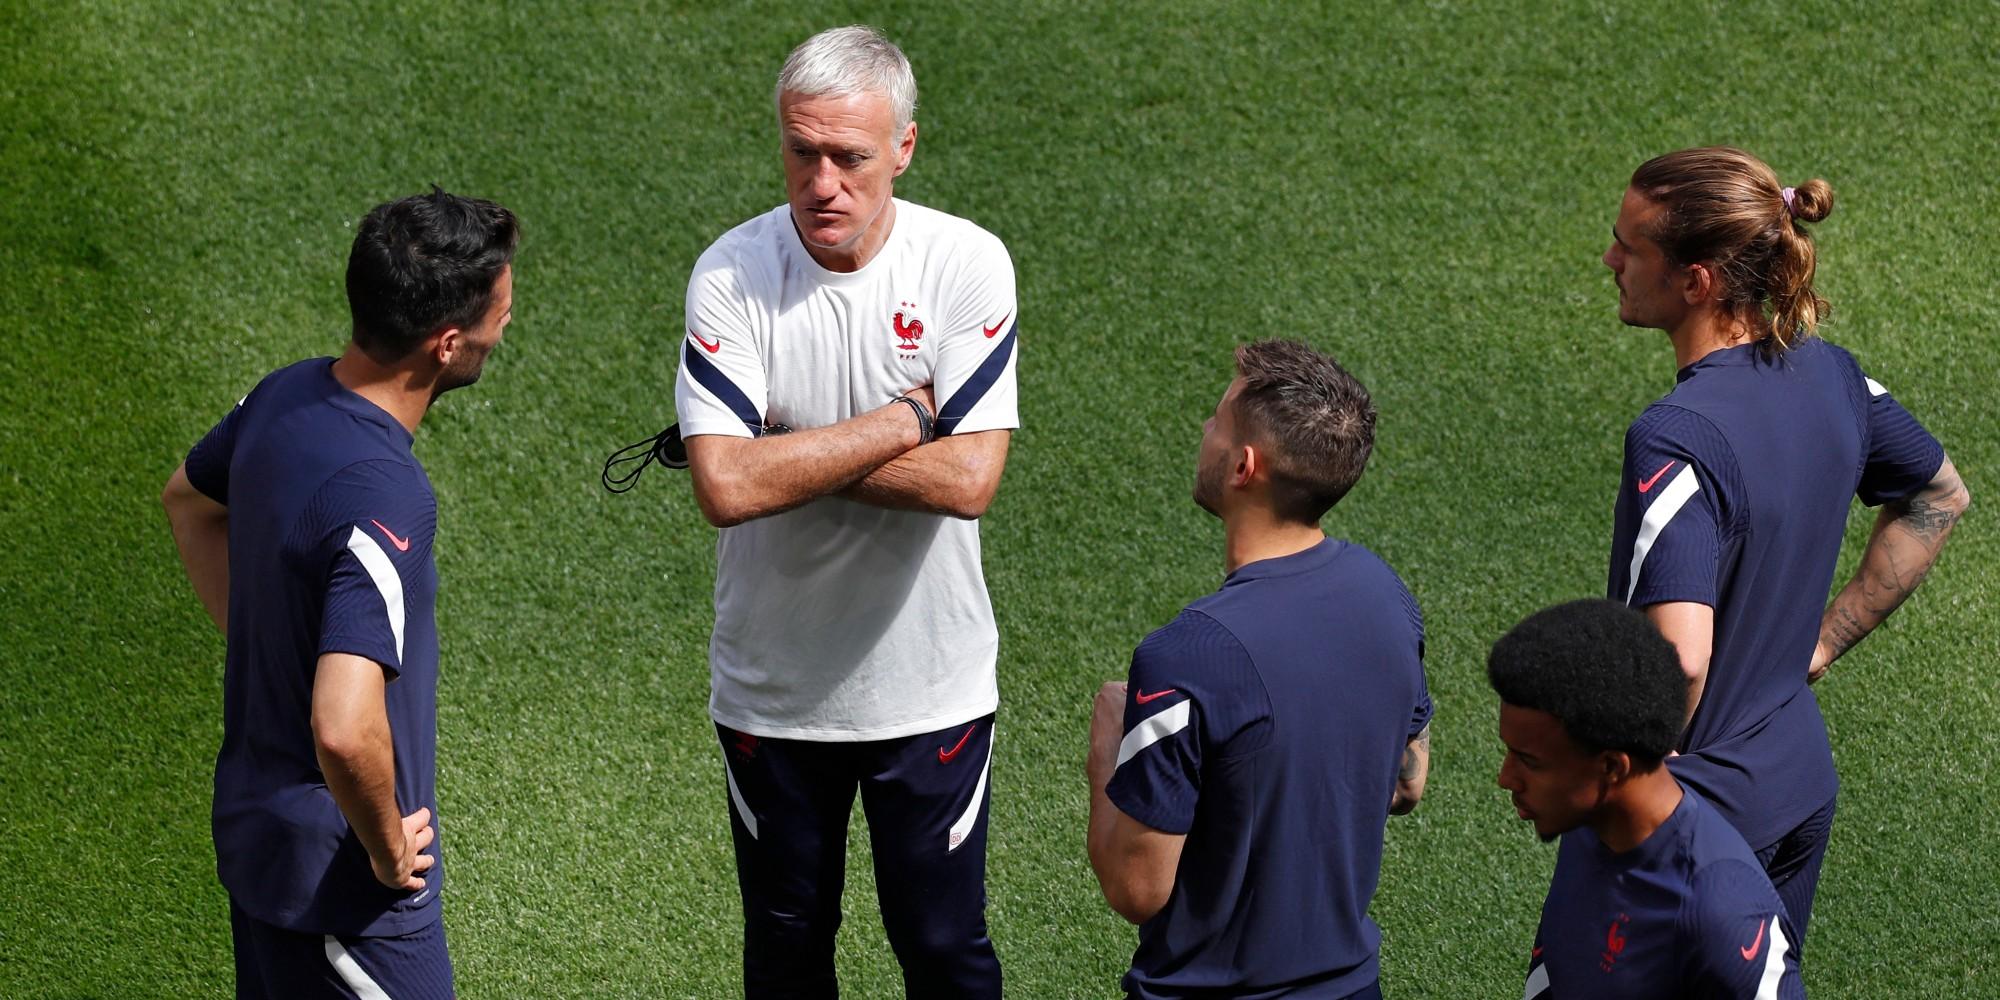 Euro : les Bleus aux portes de la qualification, un Français parmi les Hongrois et l'Angleterre tenue en échec